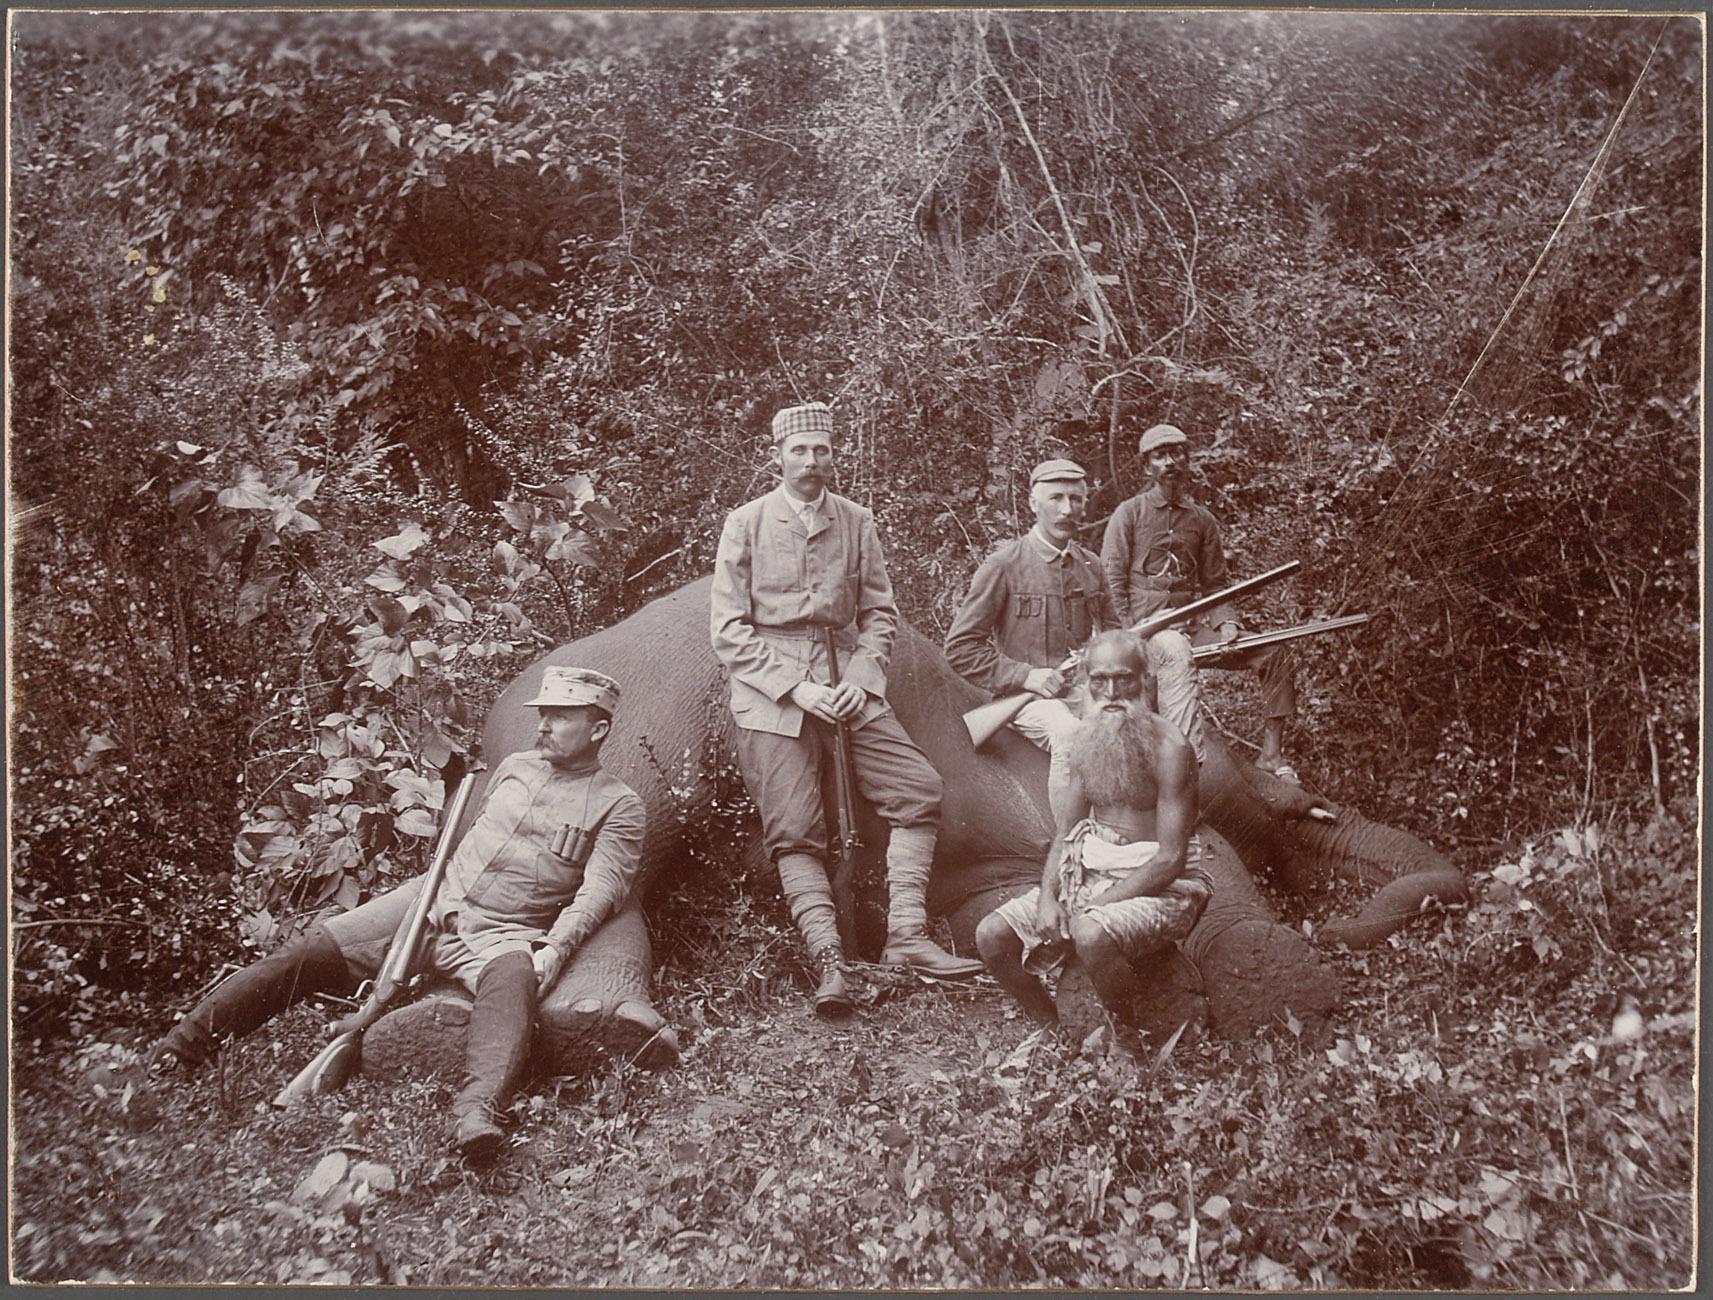 Sr k.u.k. Hoheit mit Mr. Pirie u. Mr. Murray beim erlegten Elephanten von Charles Kerr